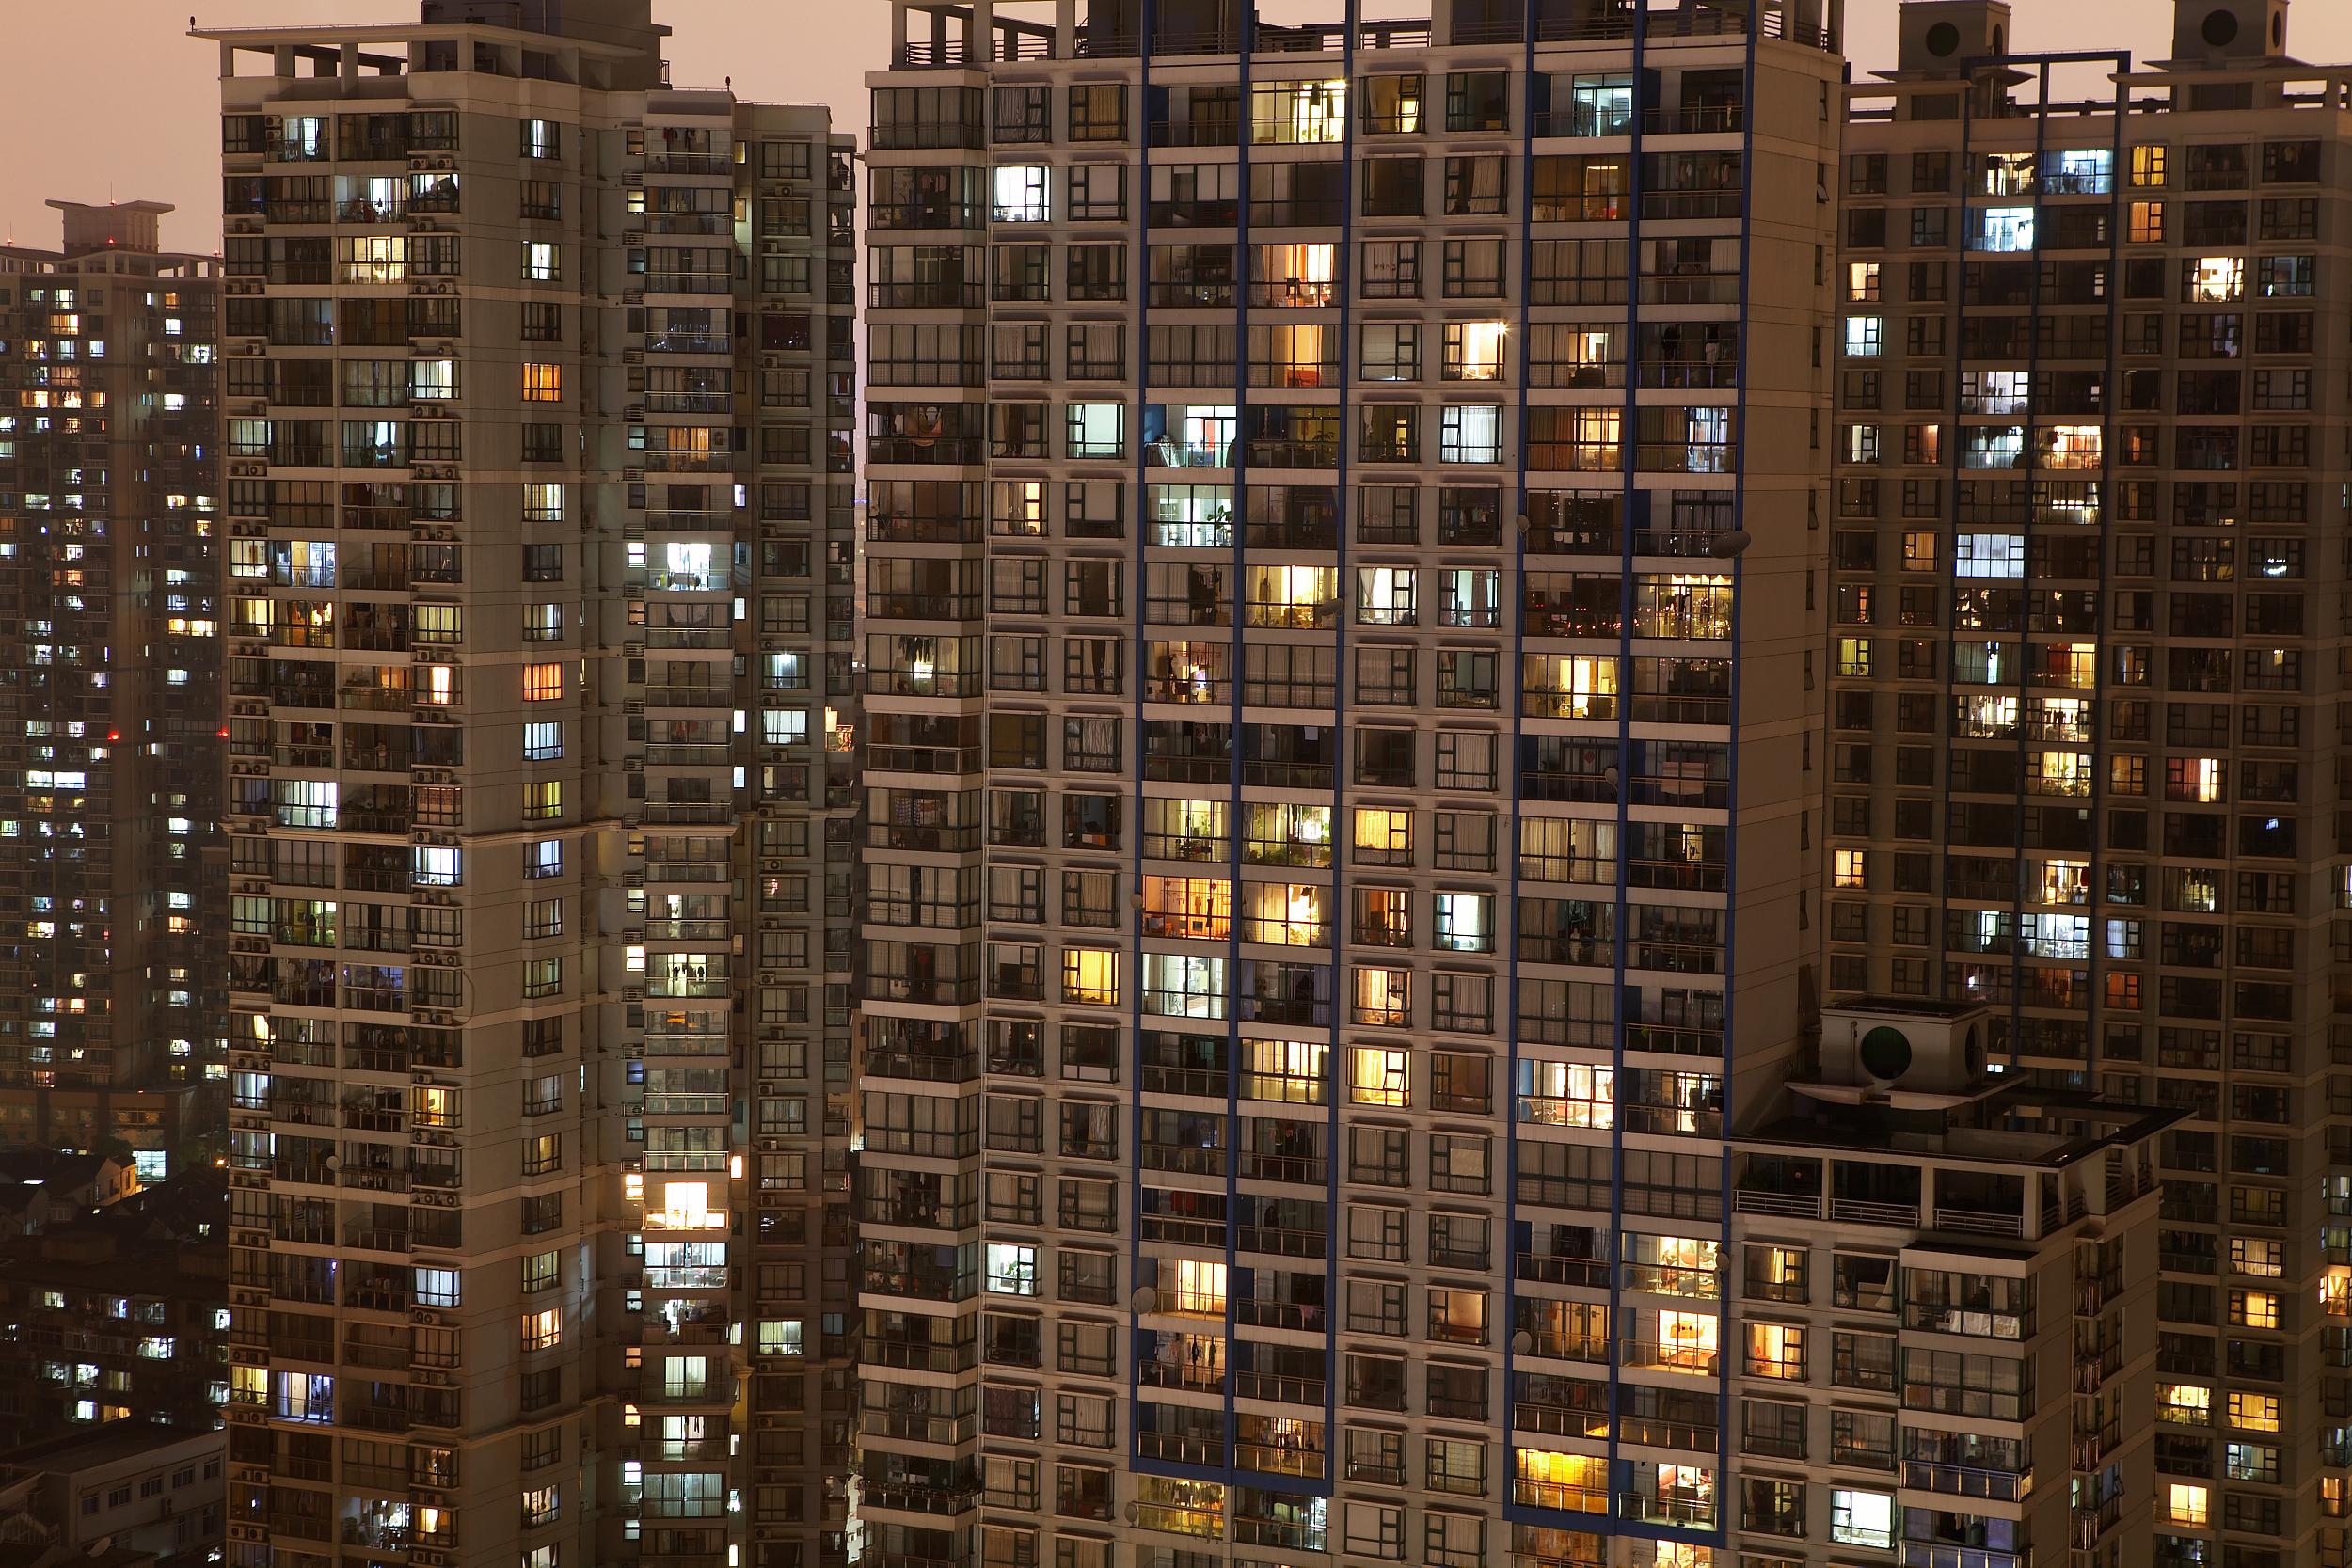 义乌高新区提供309套房源圆企业人才安居梦